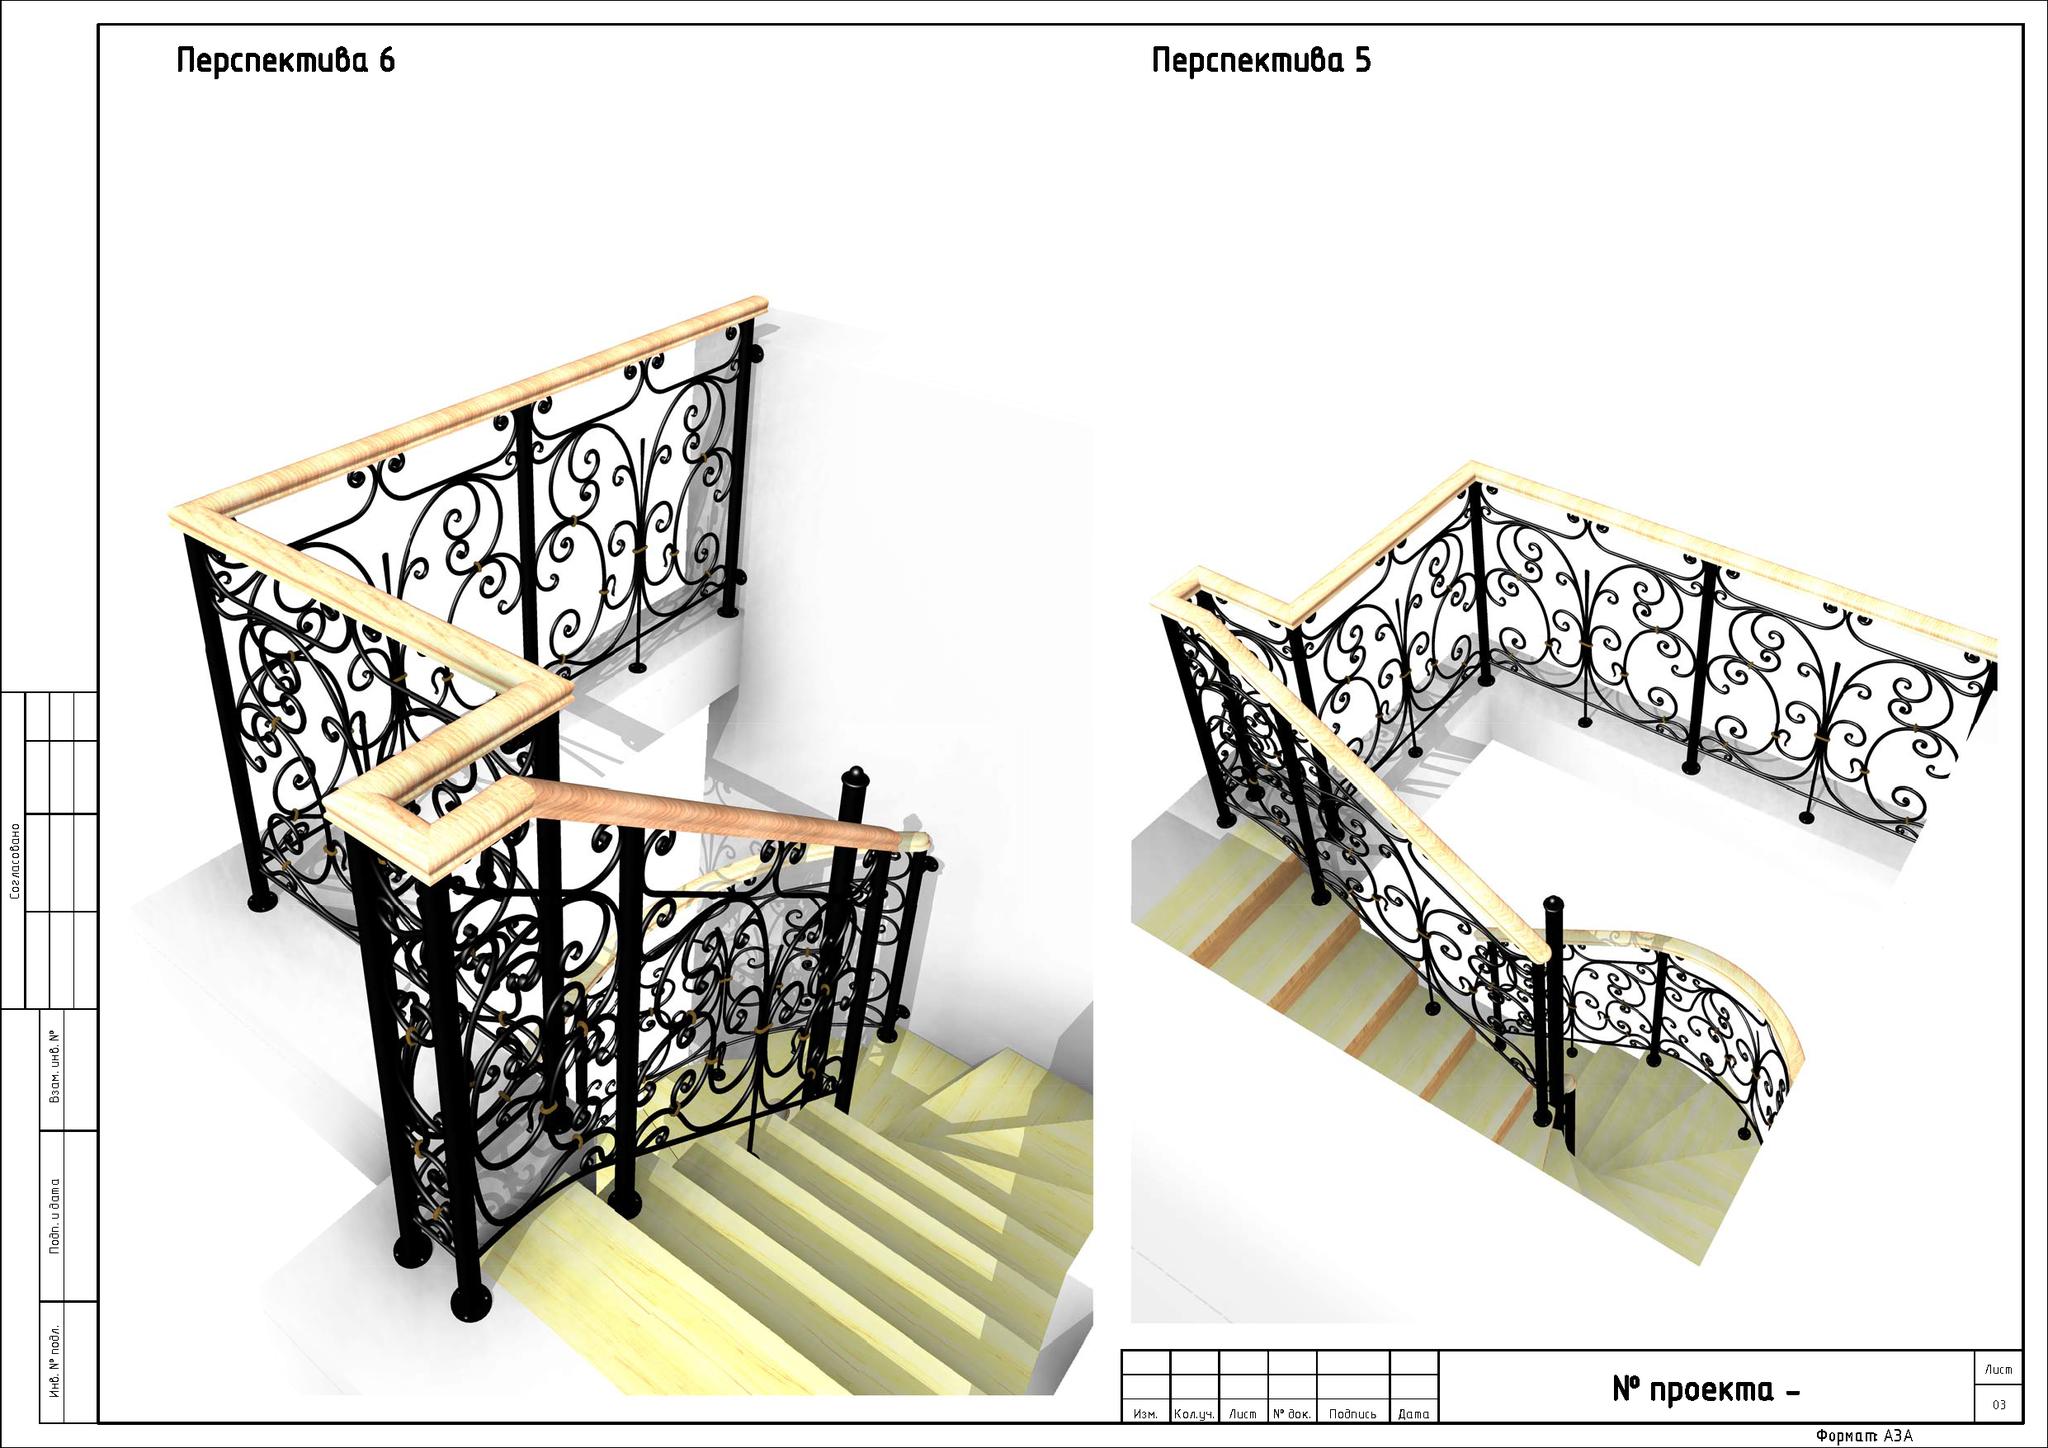 Перспективные виды. Кованая лестницы.